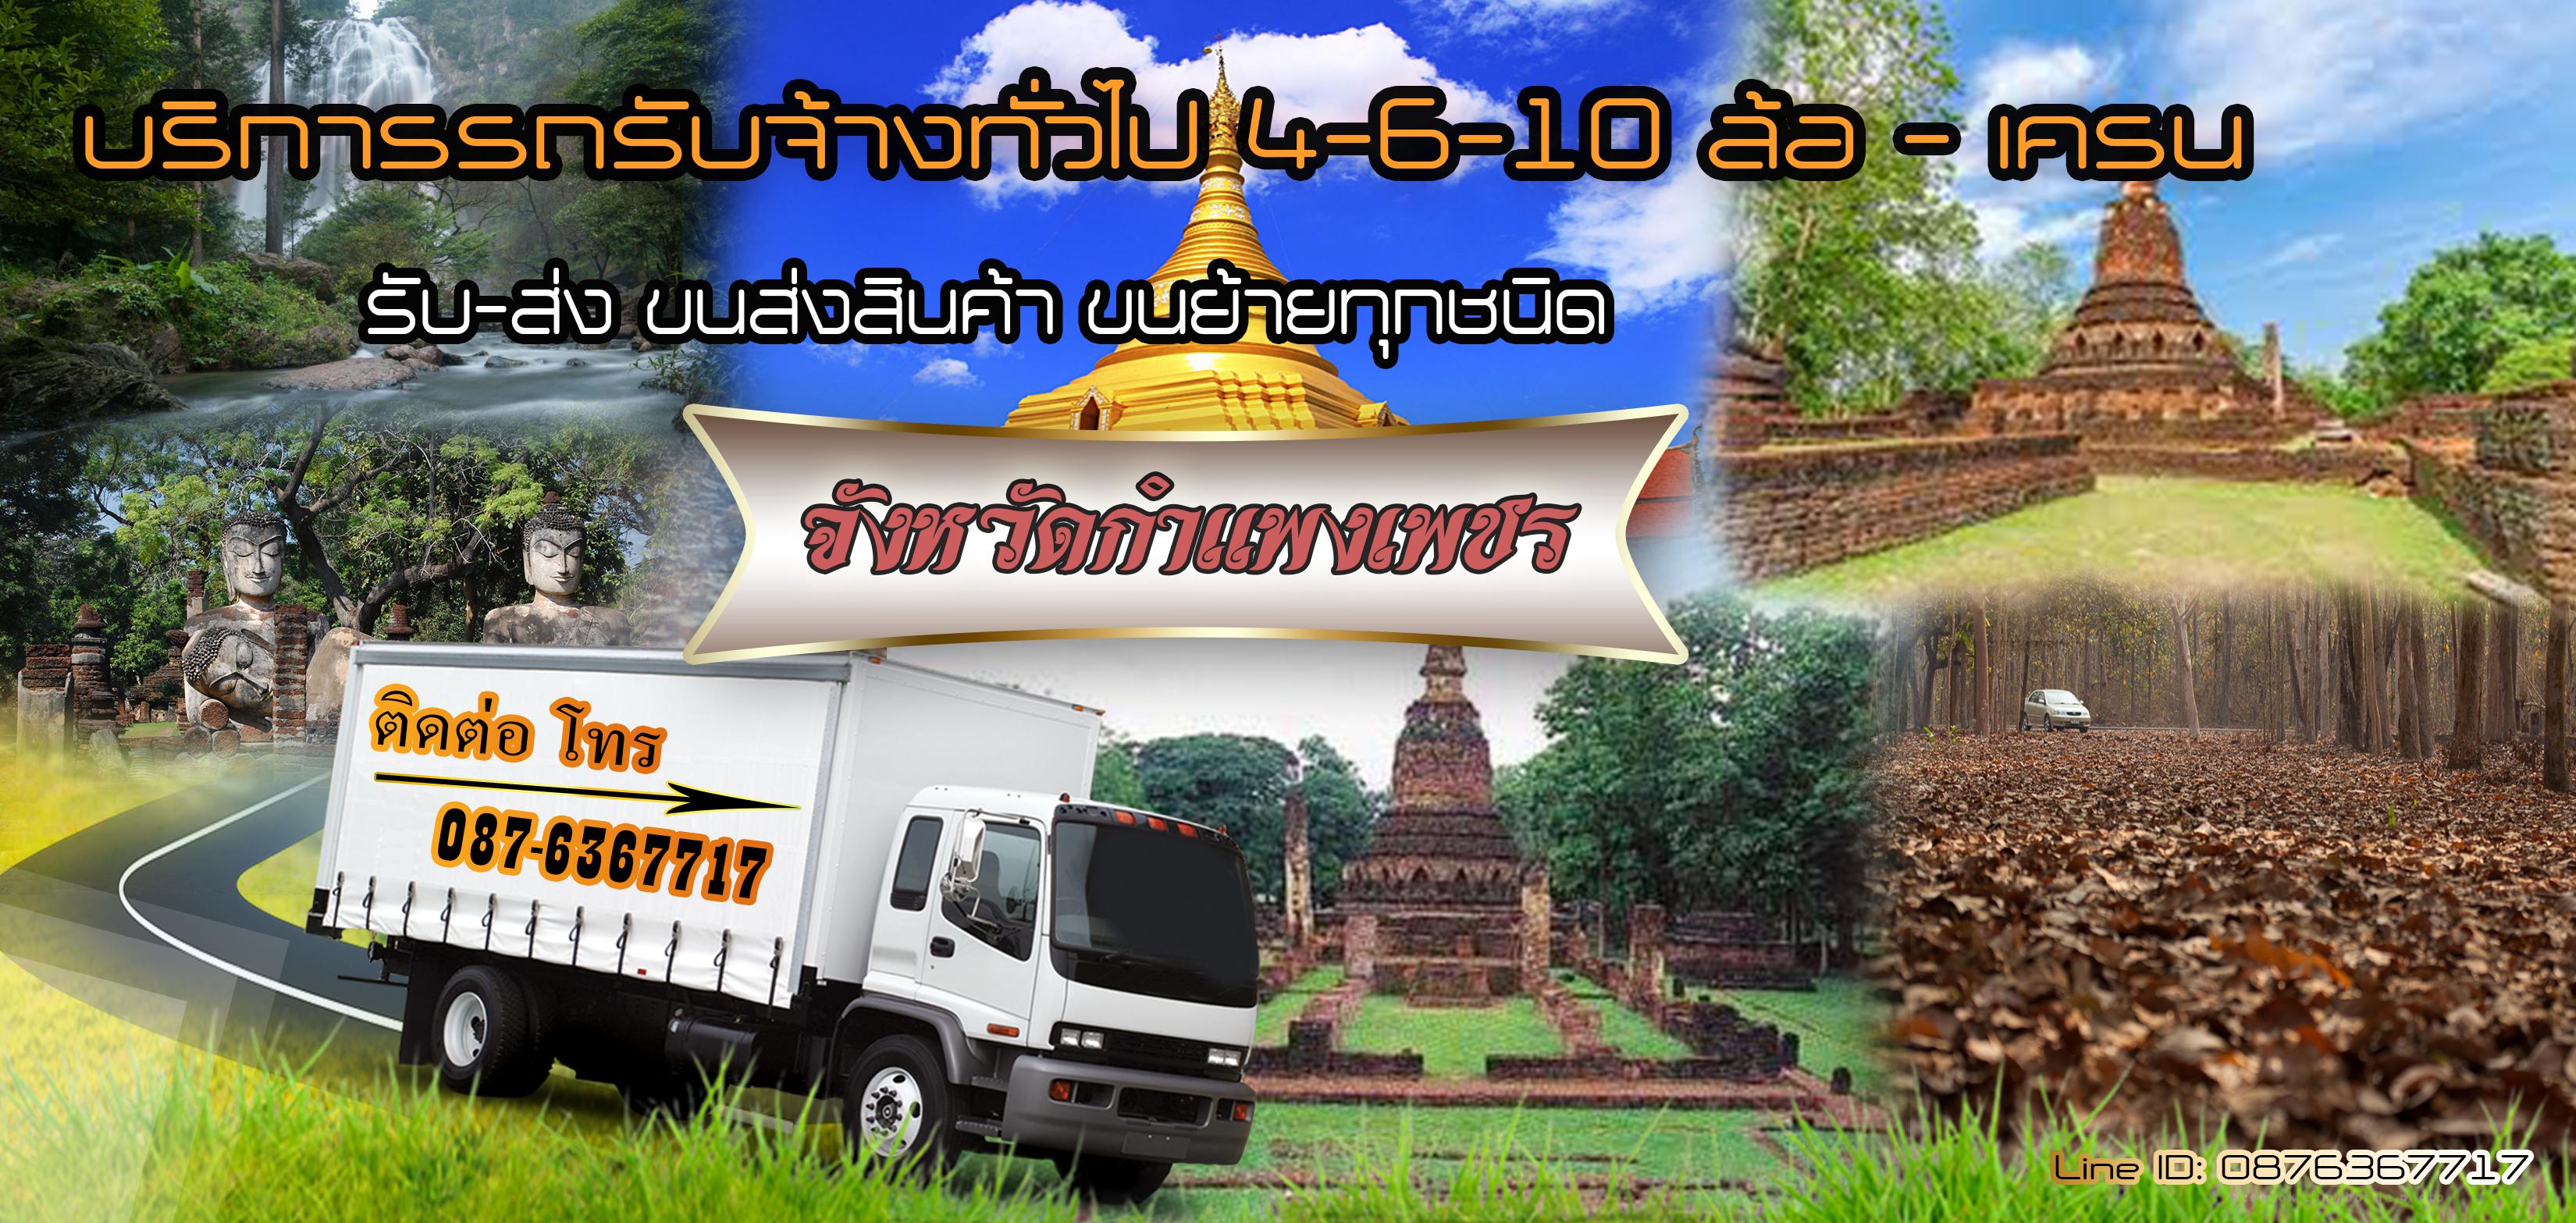 รถรับจ้างจังหวัดจันทบุรี